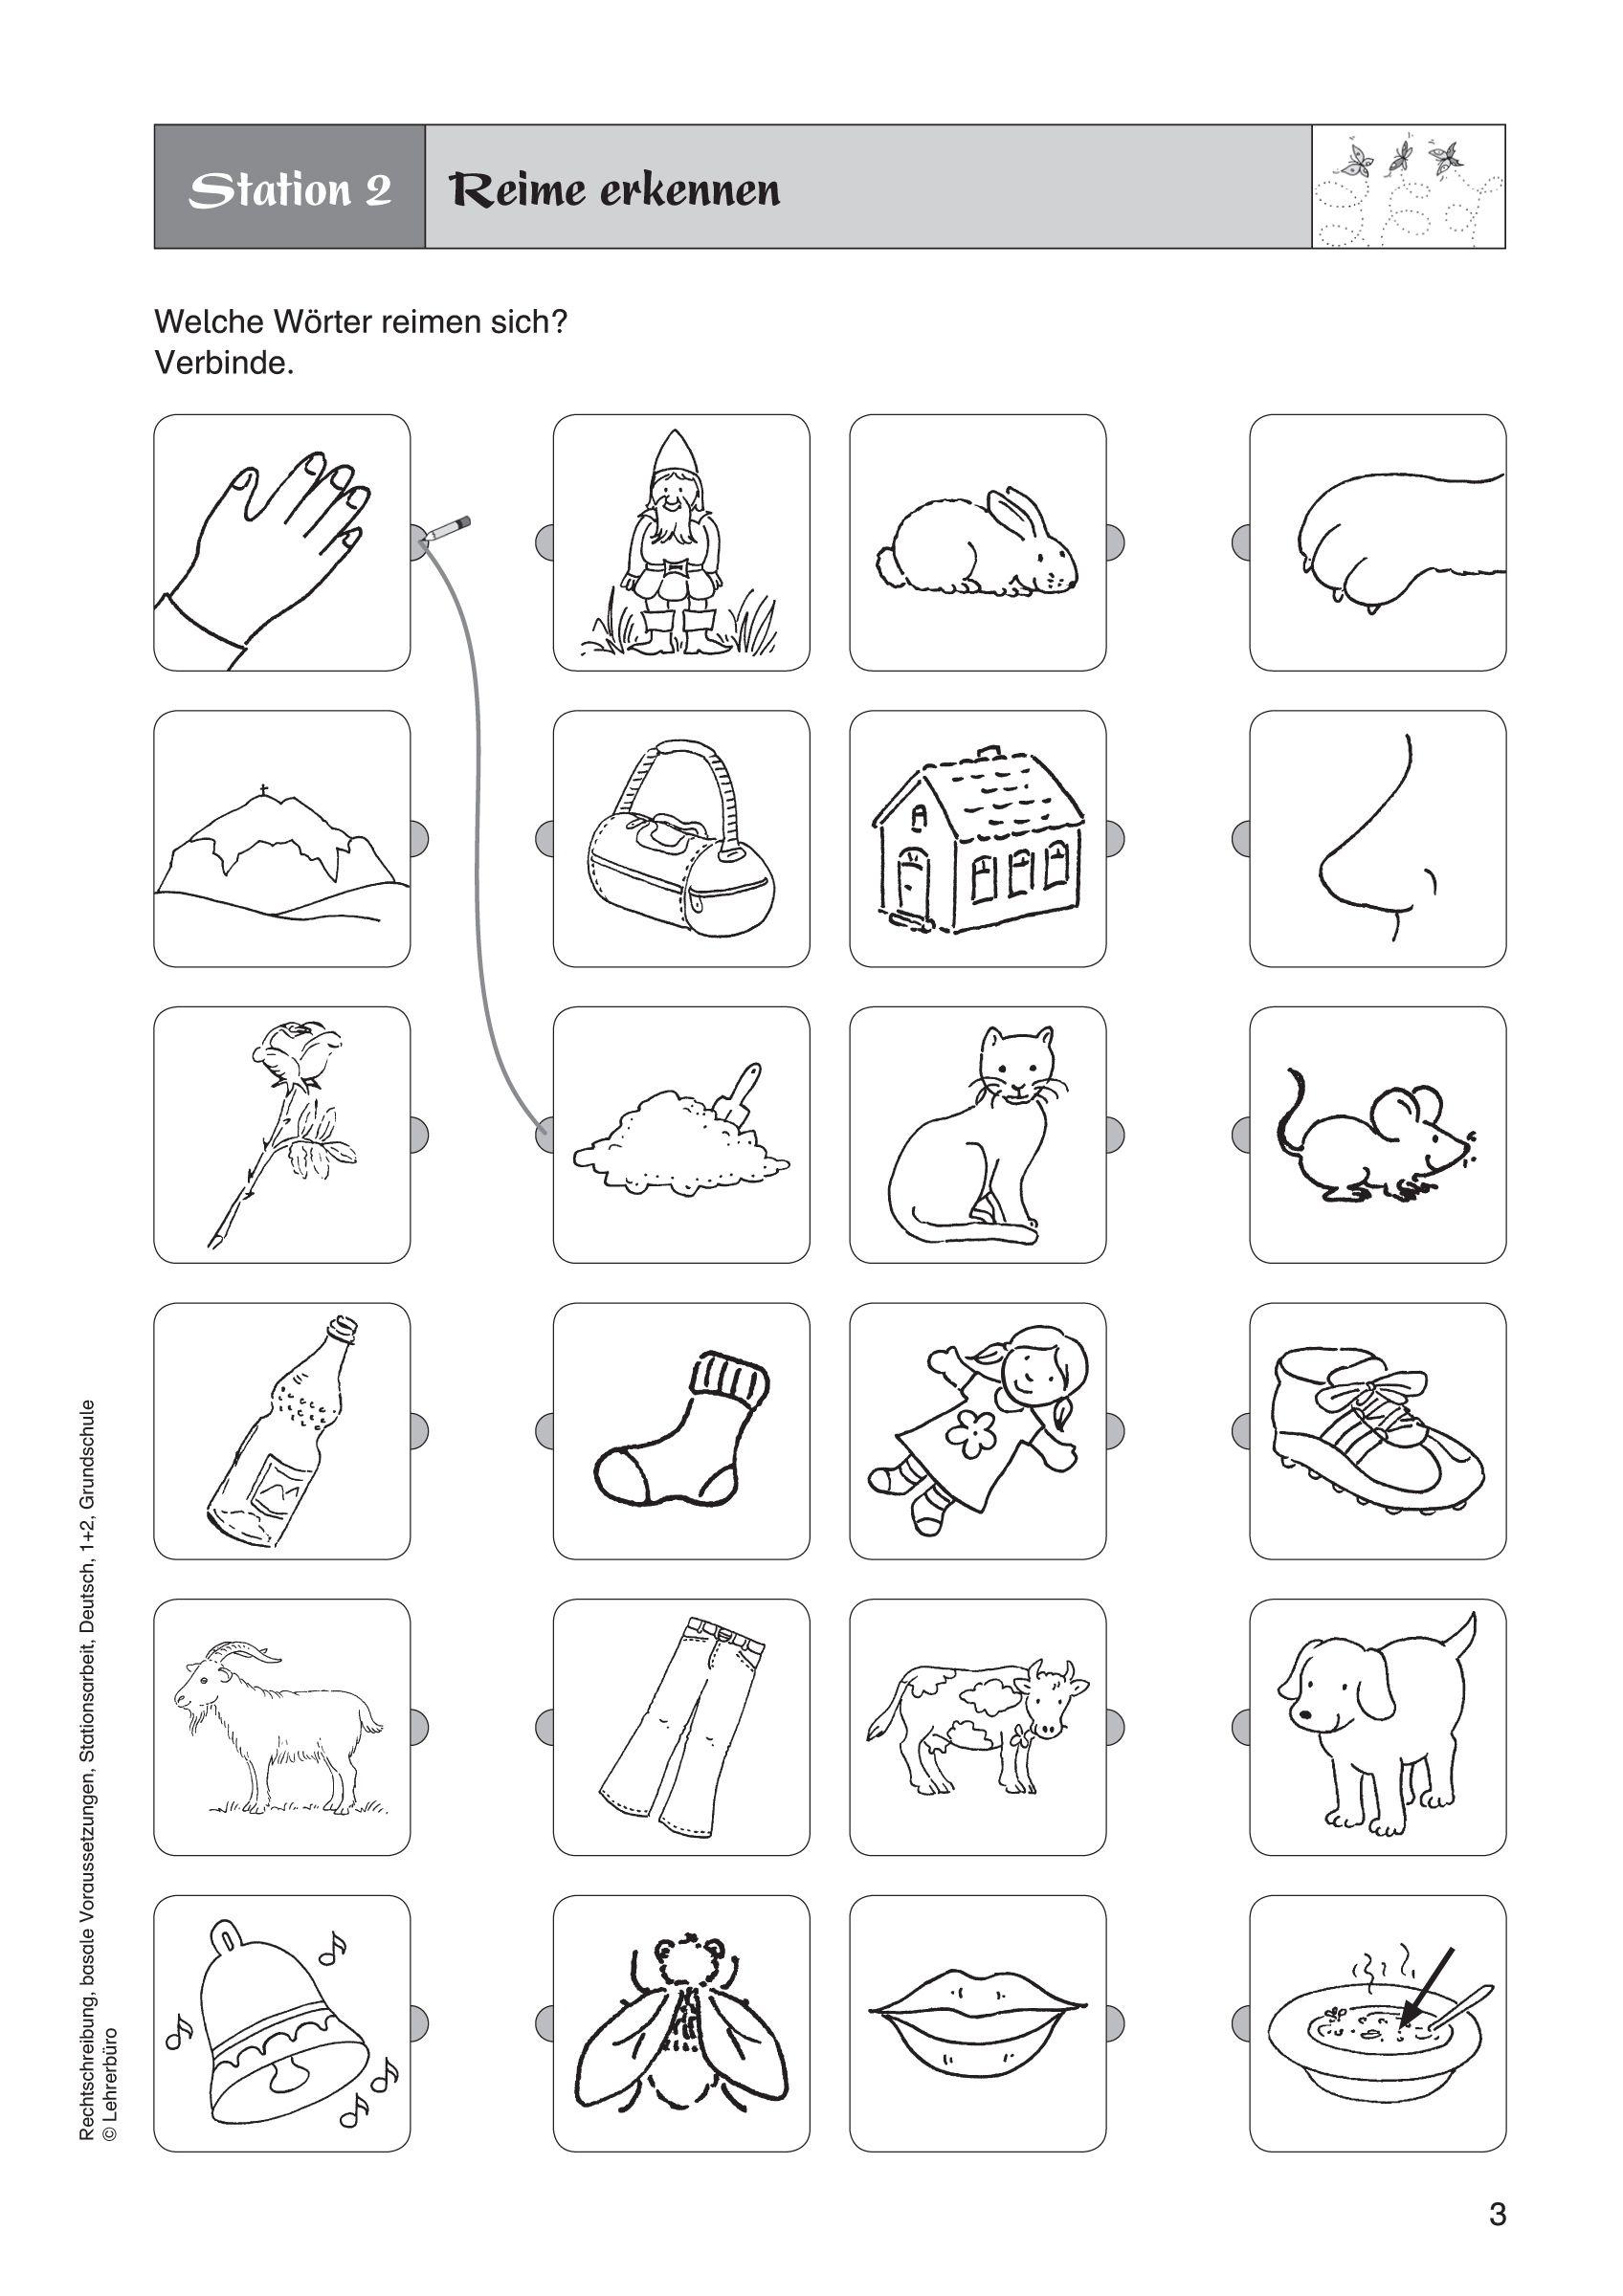 Arbeitsblätter Grundschule 1 Klasse Ausdrucken 1 Klasse bestimmt für Schreibübungen 1 Klasse Kostenlos